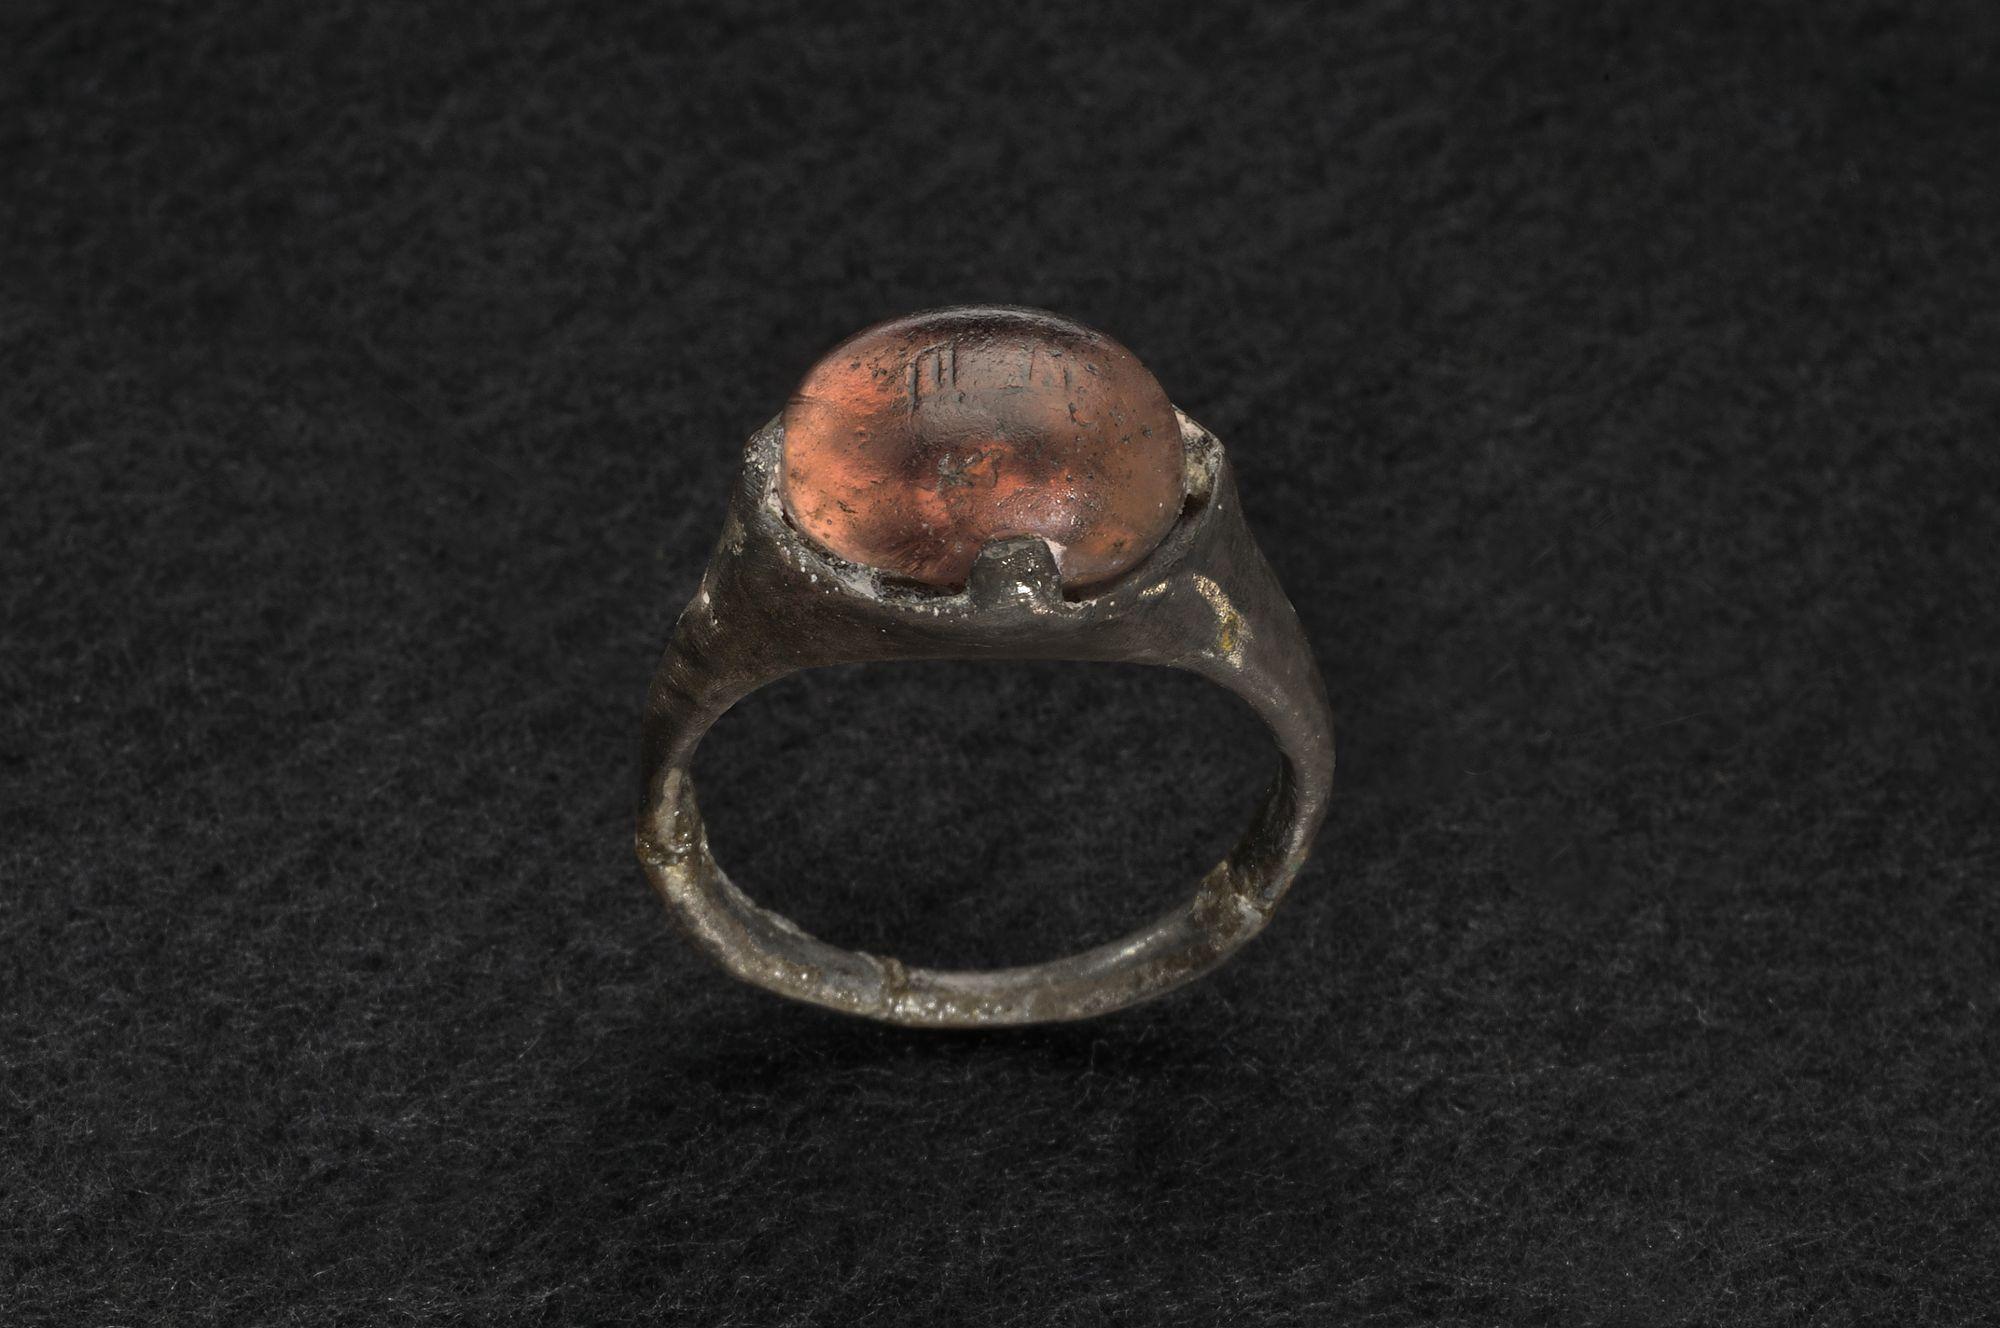 الخاتم المكتشف فى المقبرة السويدية للفايكنج